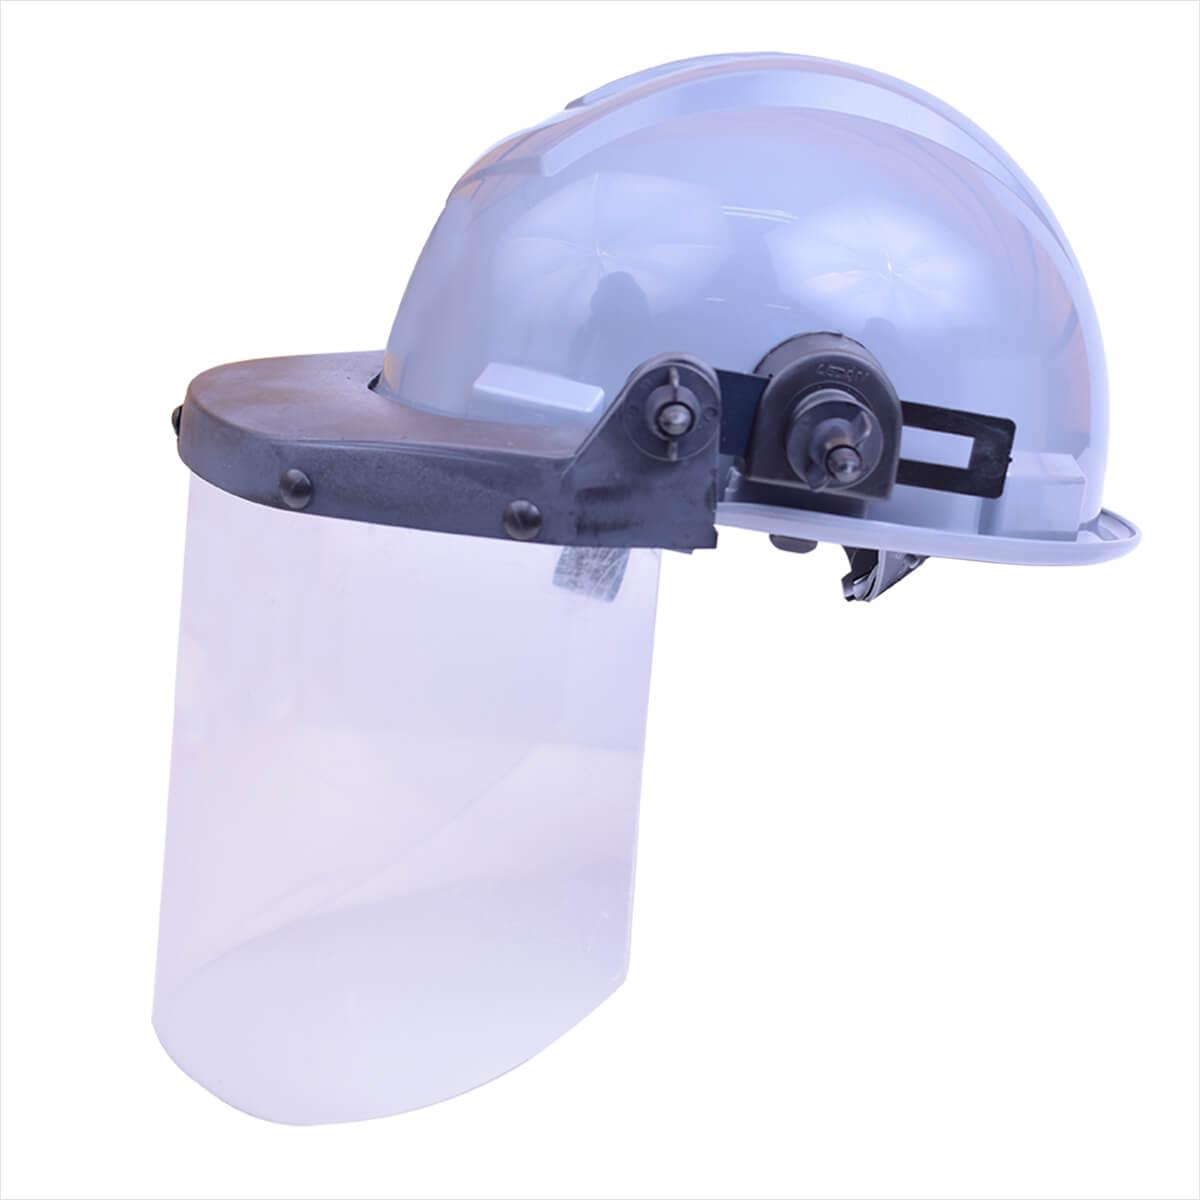 c8e2b574378dd Capacete de Segurança Cinza com Protetor Facial Incolor Ledan